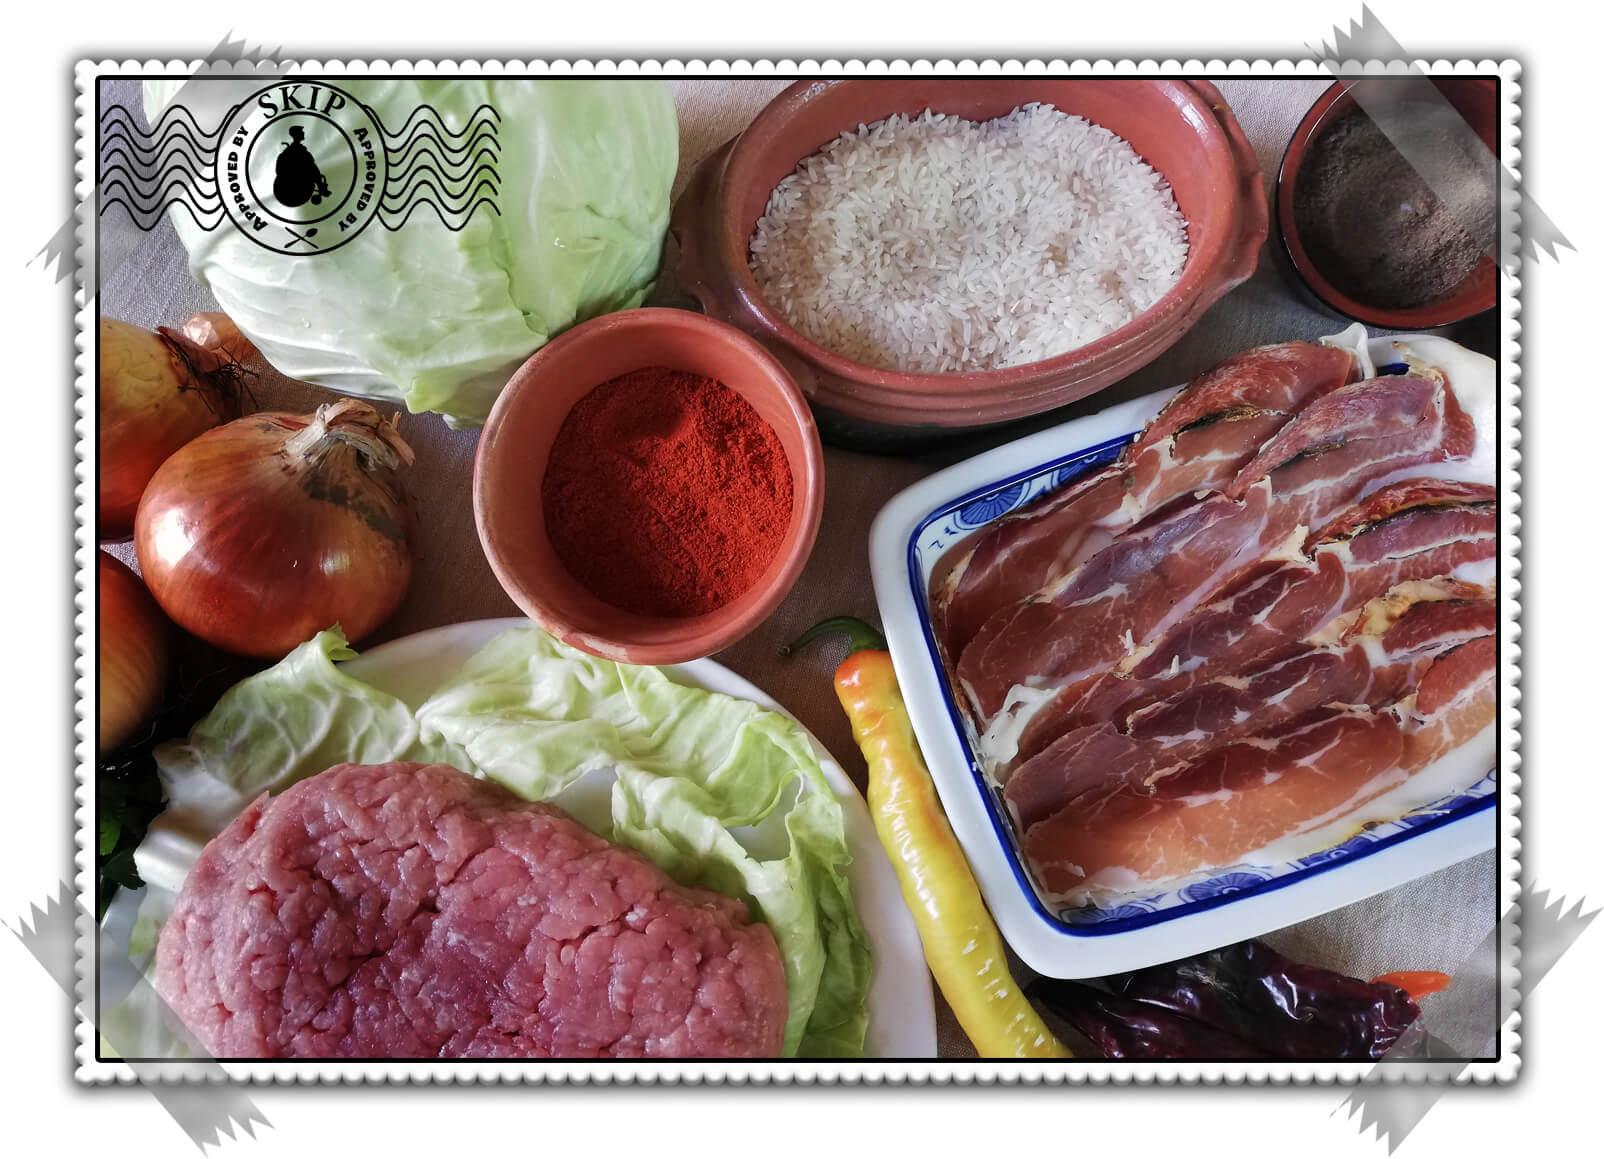 Rumunska Kuhinja